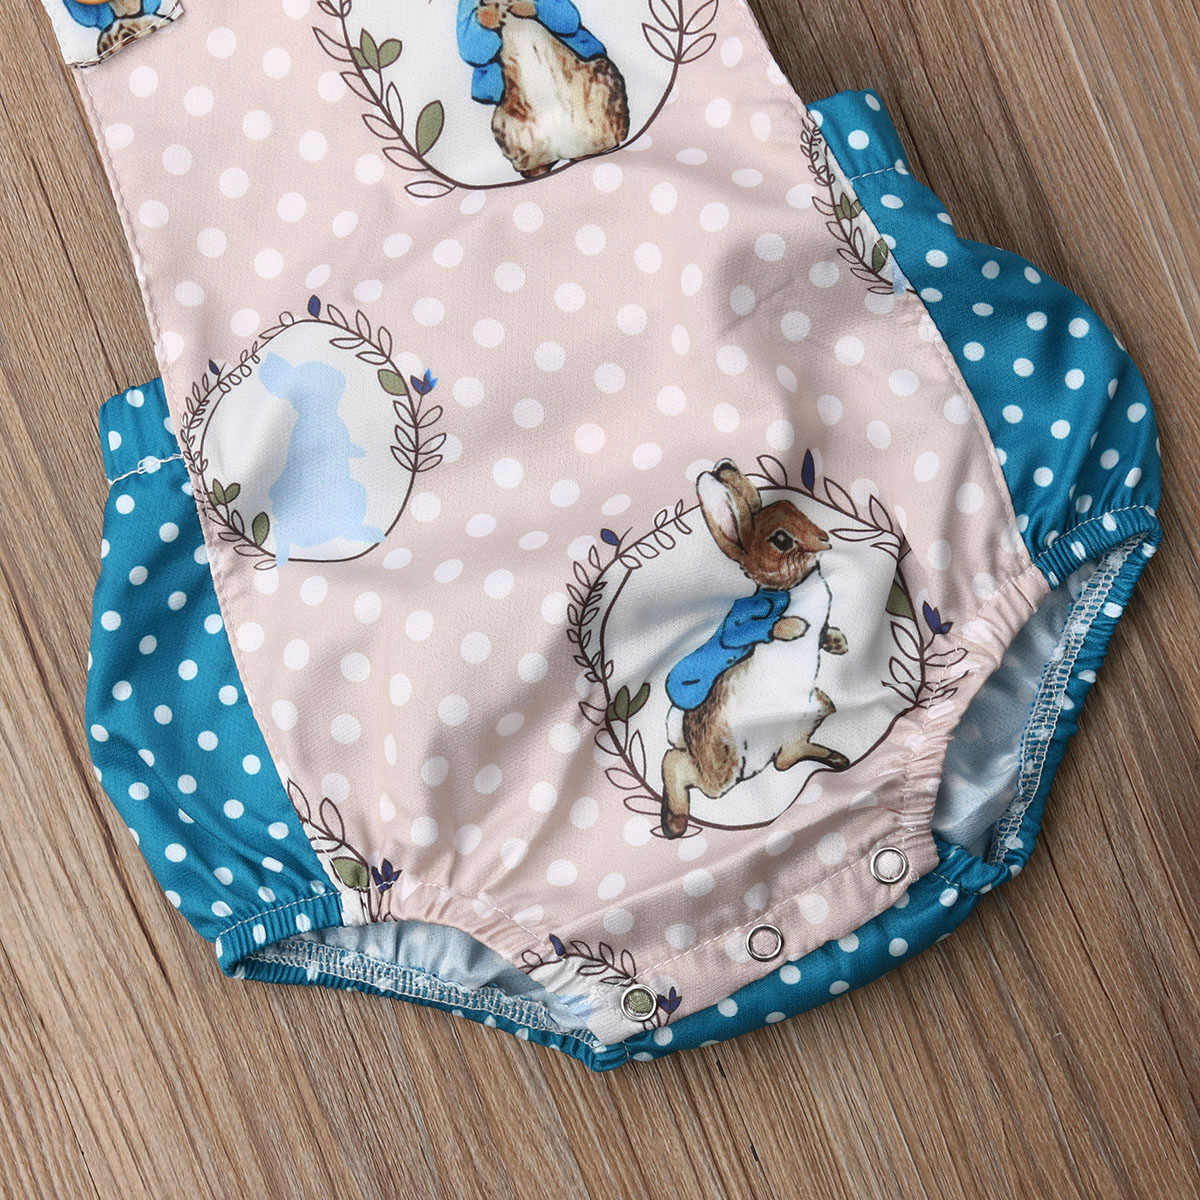 Của tôi 1st Easter Bunny Bé Trai Cô Gái Quần Áo Thỏ Jumpsuit Dot Vá Trang Phục Thiết cho Bé quần áo Trẻ Em sơ sinh trẻ sơ sinh